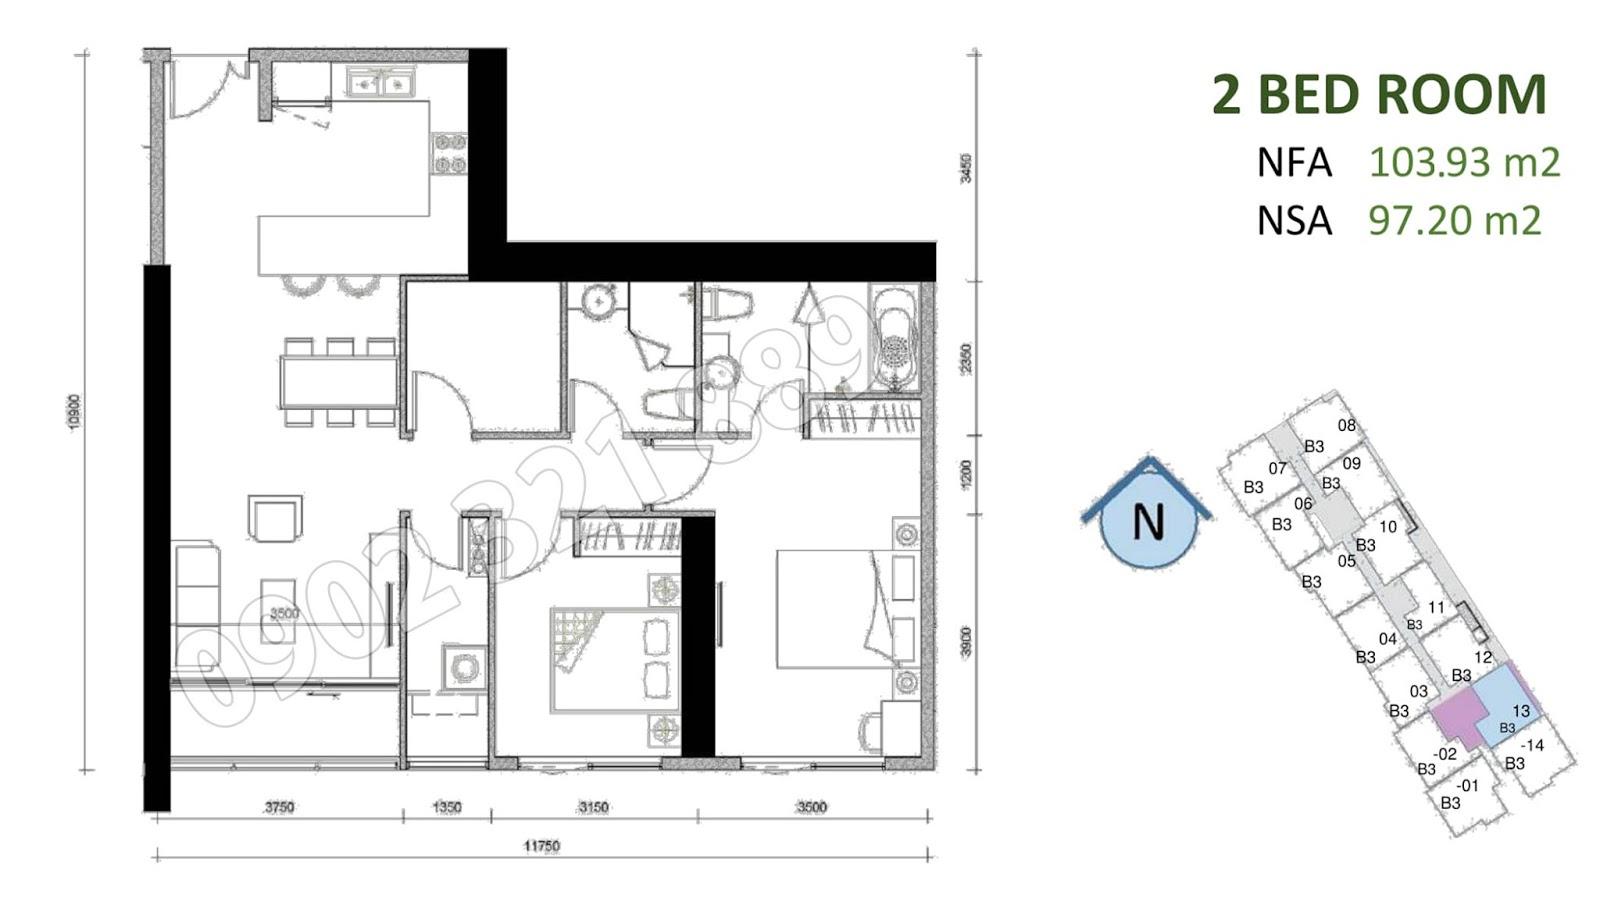 mặt bằng căn hộ sunwah pearl 2 phòng ngủ B3-13